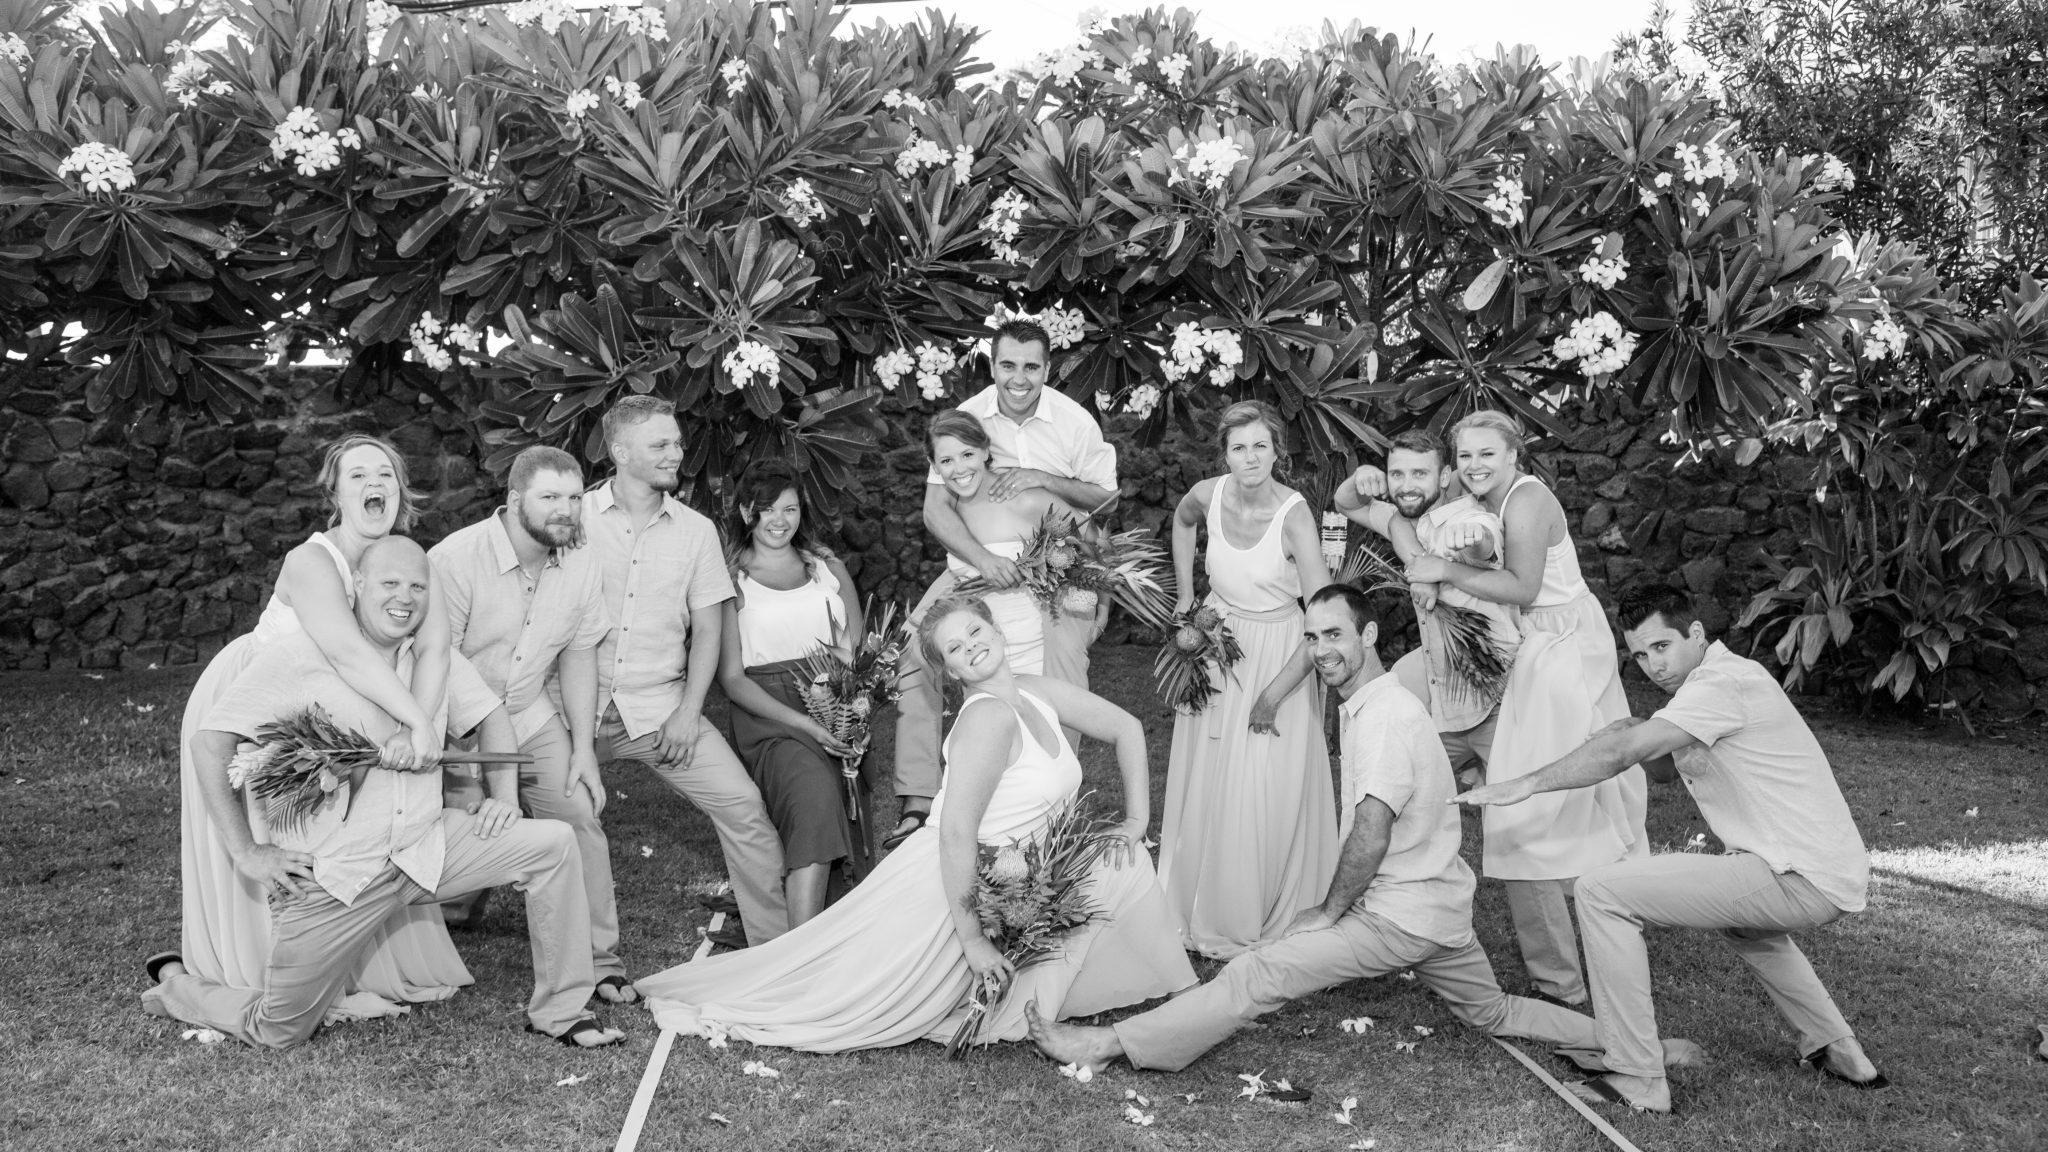 maui wedding photographer 11_behind the lens maui.jpg